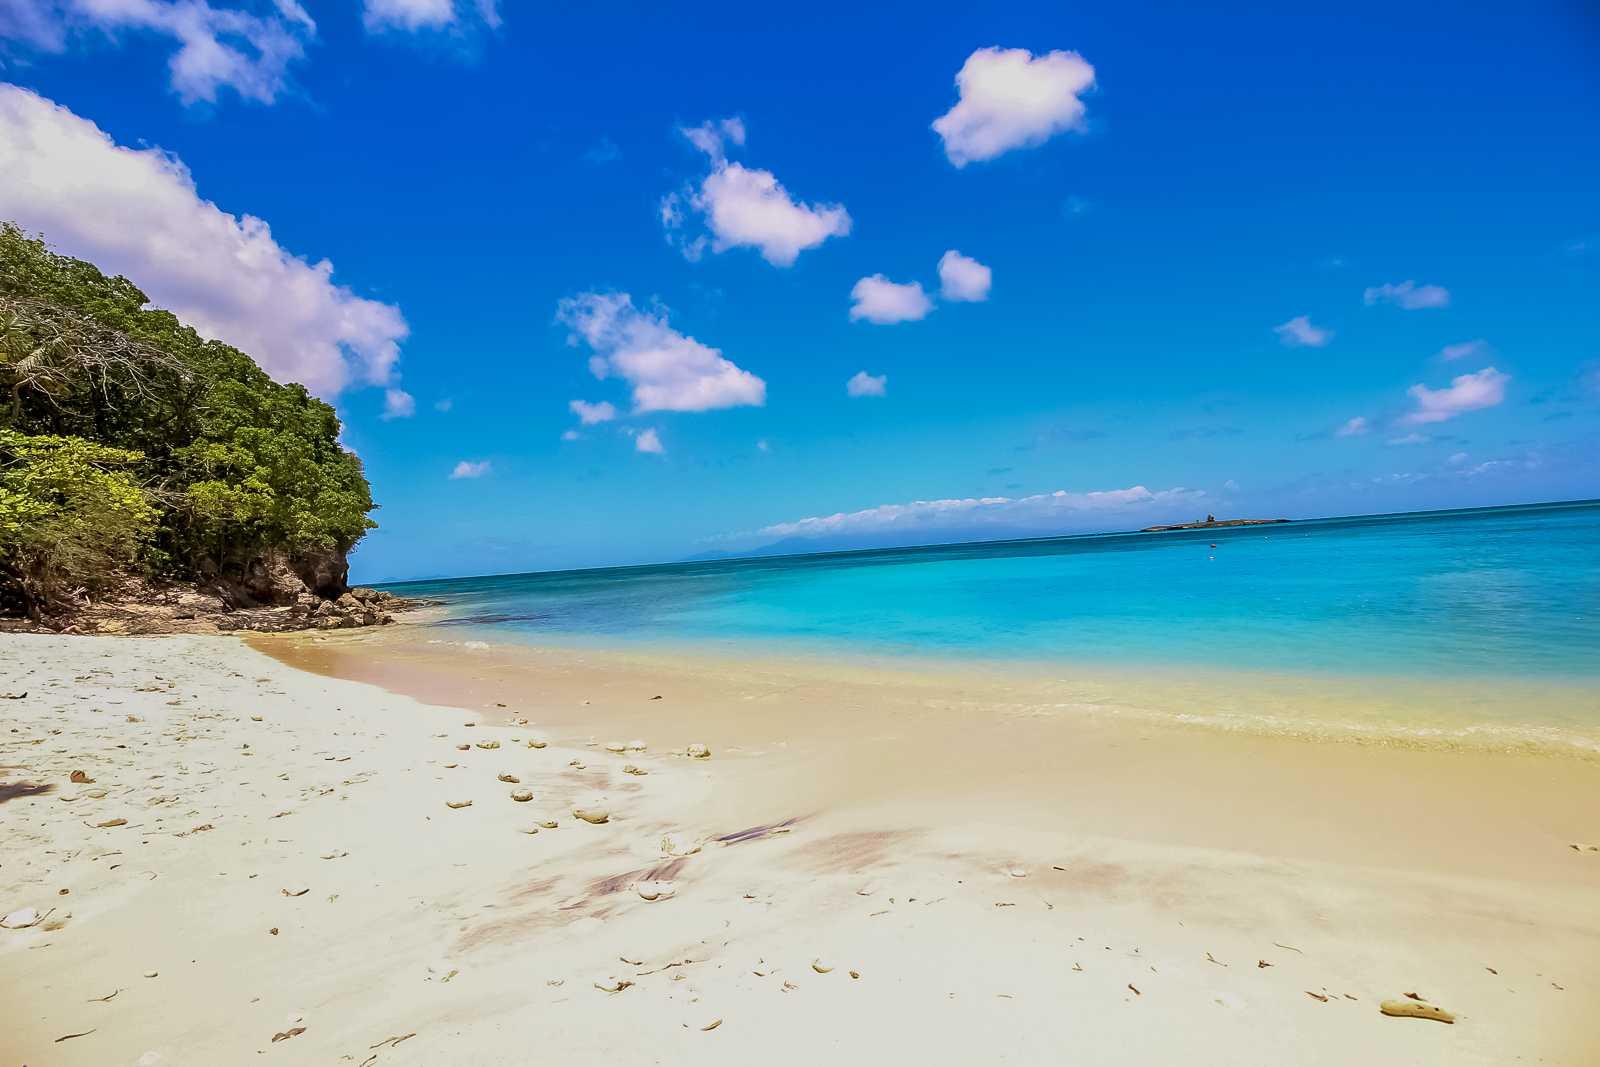 La plage de Moustique